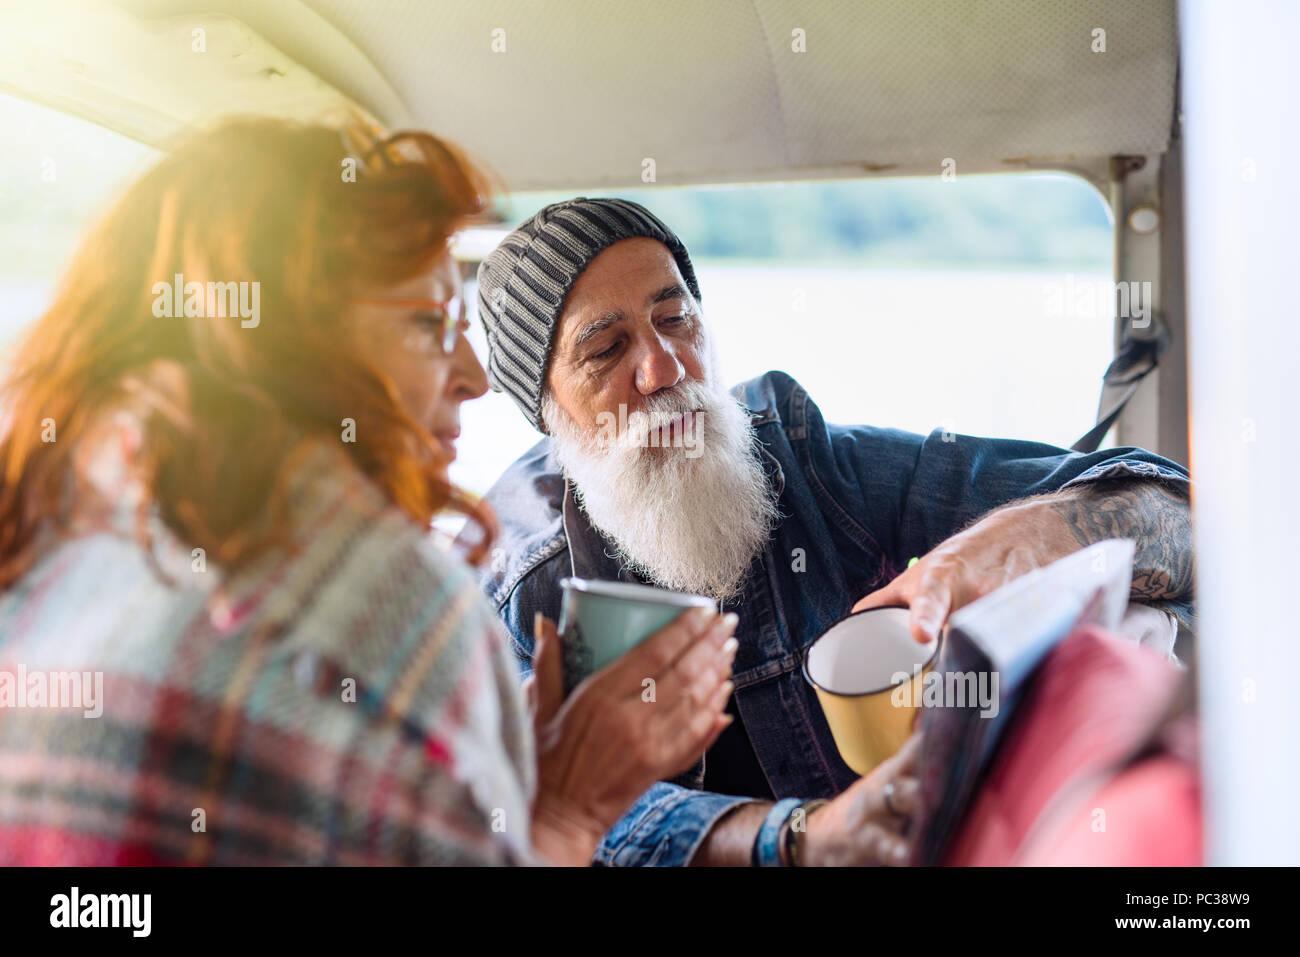 Viejo hipster pareja sentada en una furgoneta y mirando un mapa de carreteras Imagen De Stock